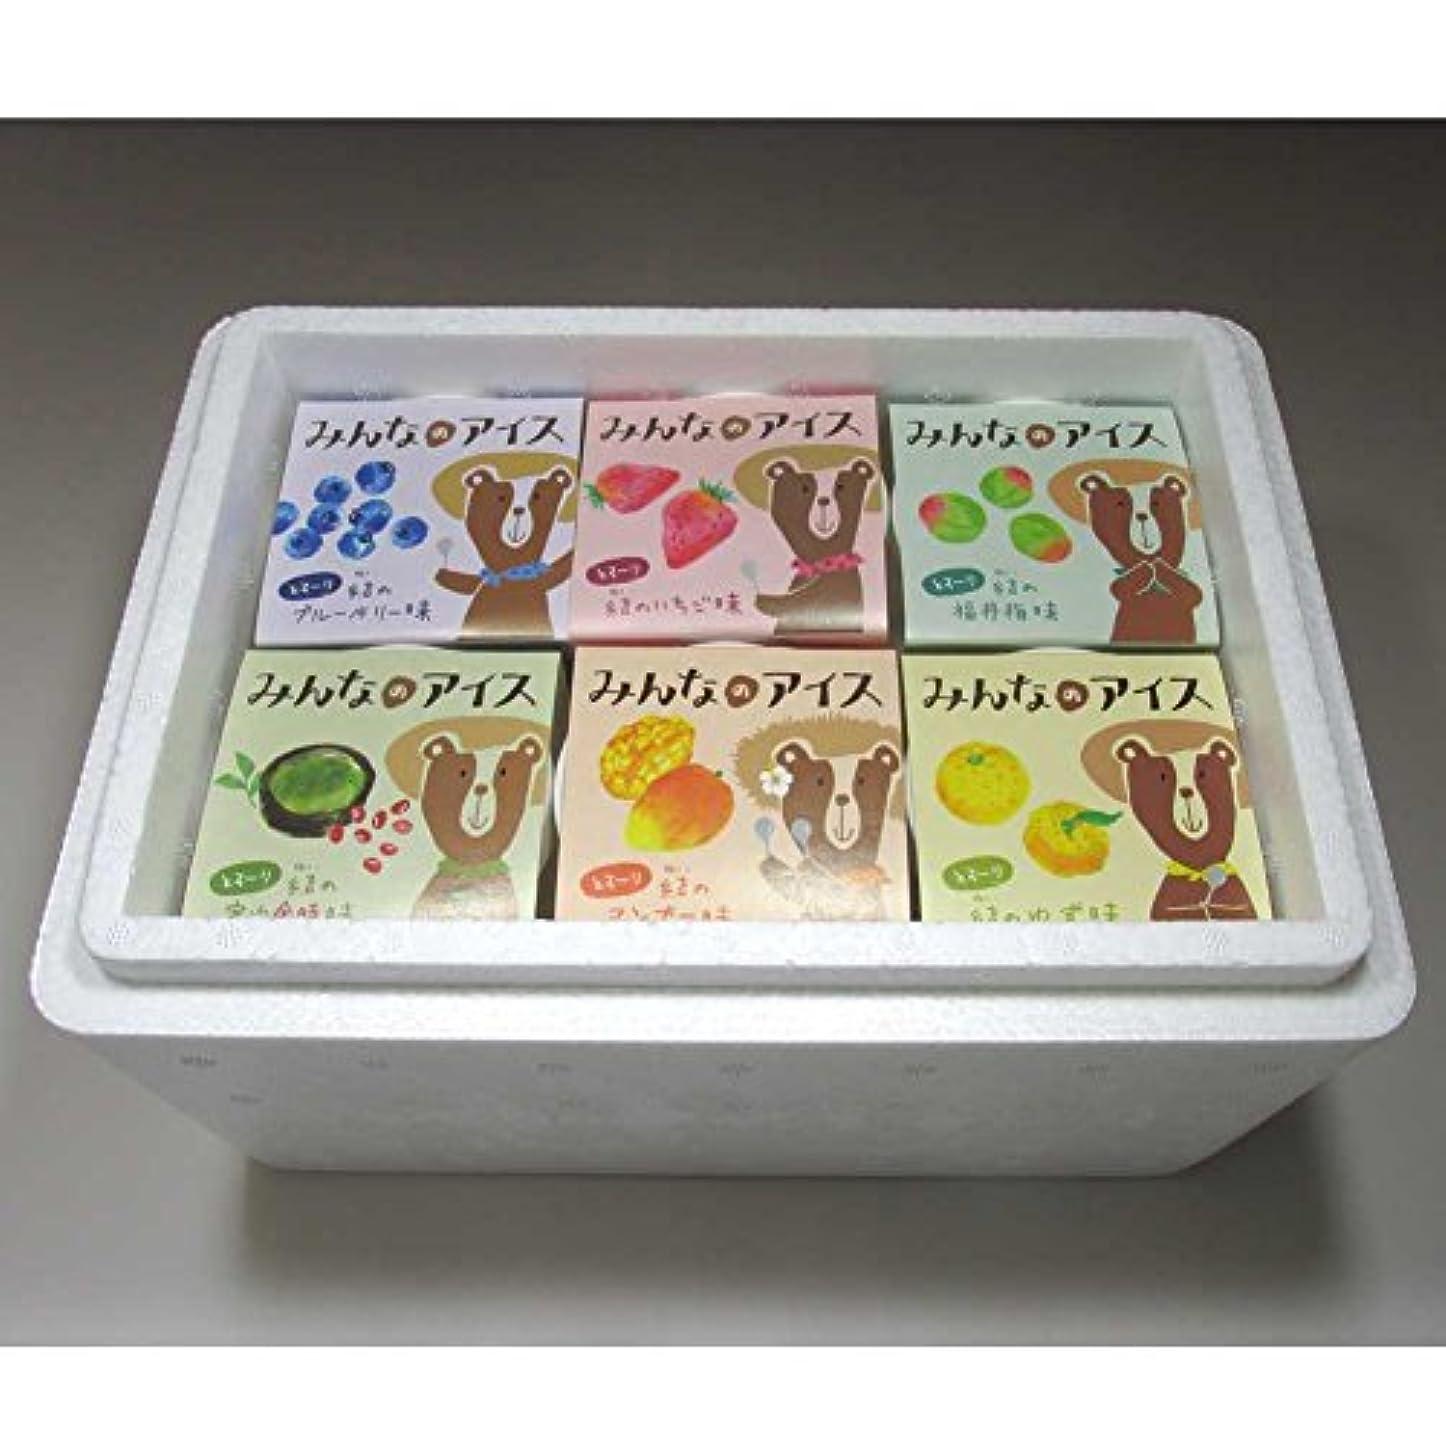 降下虚栄心比類なきSFV生産農場 建石農園「アレルギーフリー☆みんなのアイス (6個)」 -クール冷凍-